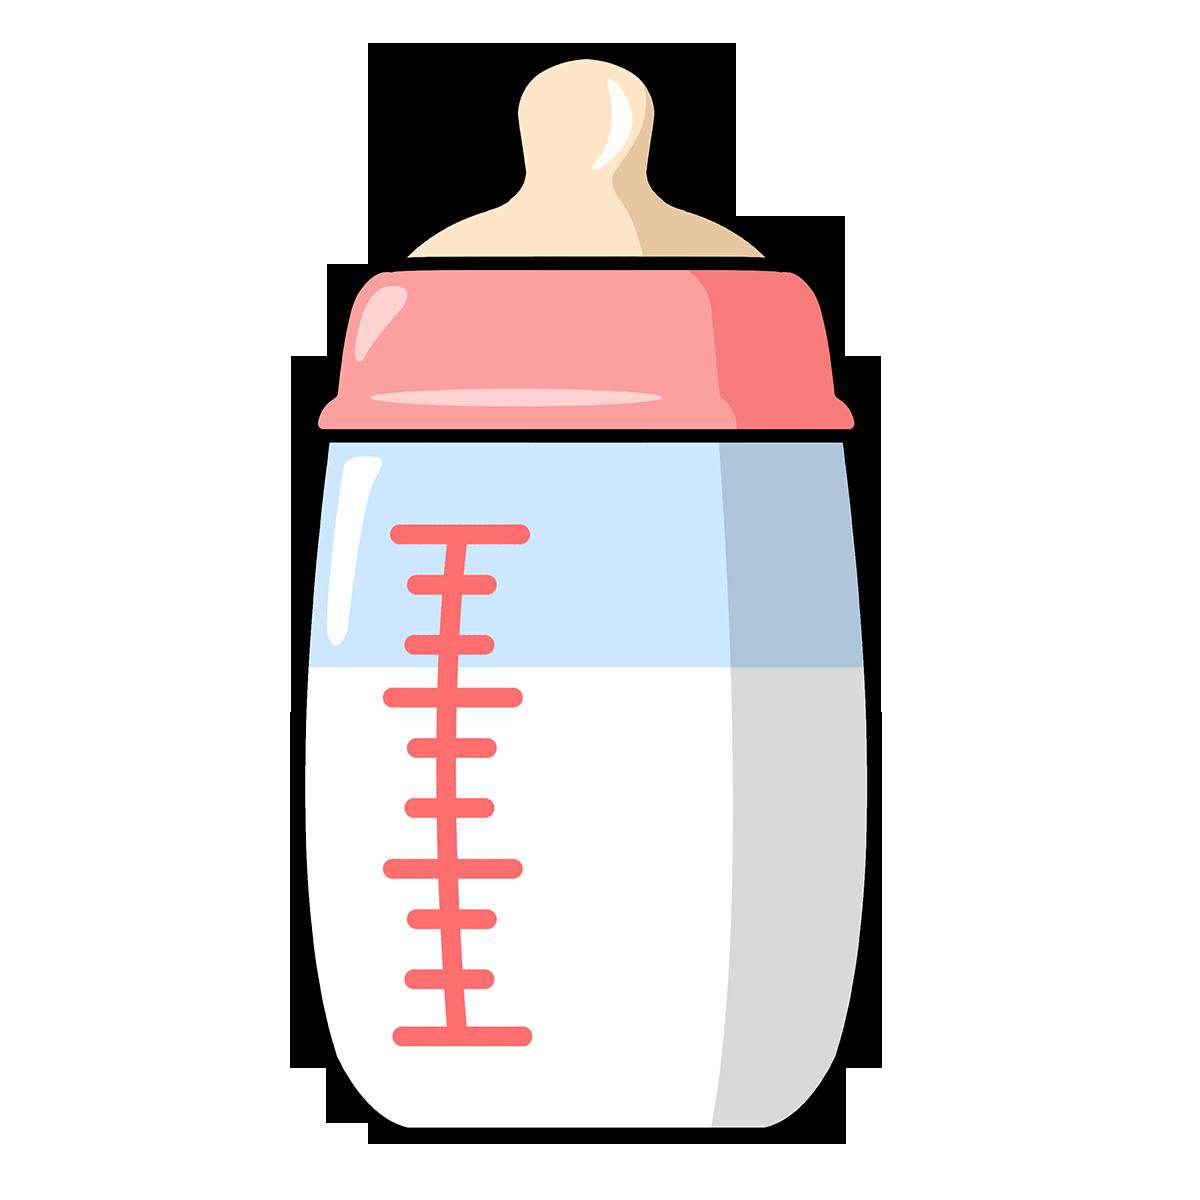 Free Cute Cartoon Baby Bottle Clip Art-Free Cute Cartoon Baby Bottle Clip Art-17